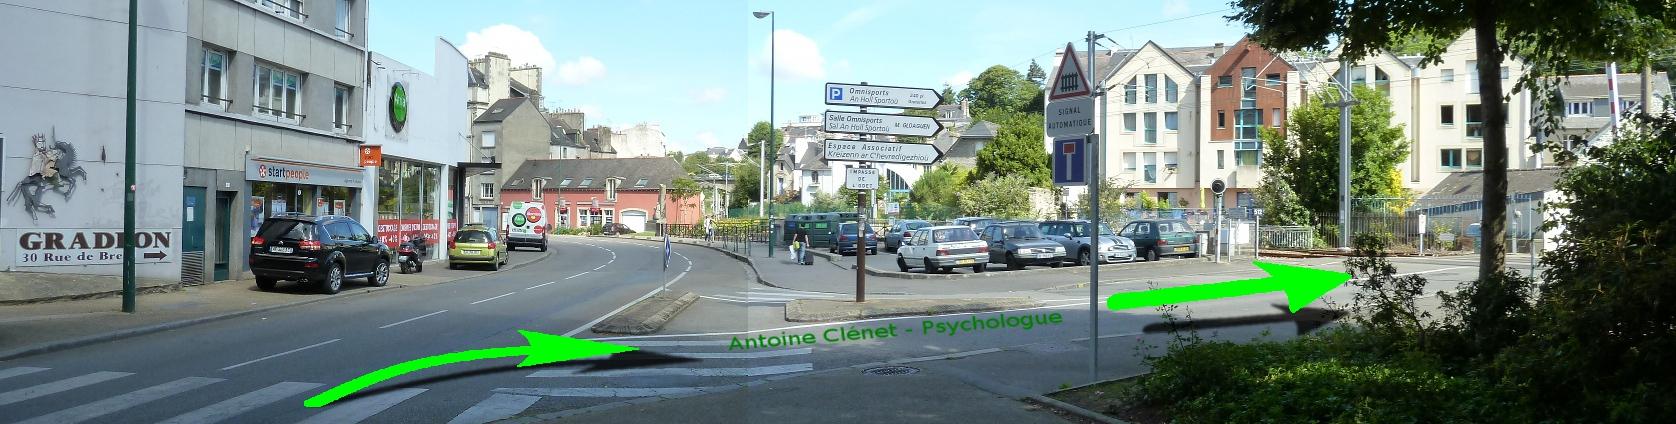 Rue De La Rencontre Annonces De Rencontre Massage Naturiste Tantrique Morbihan